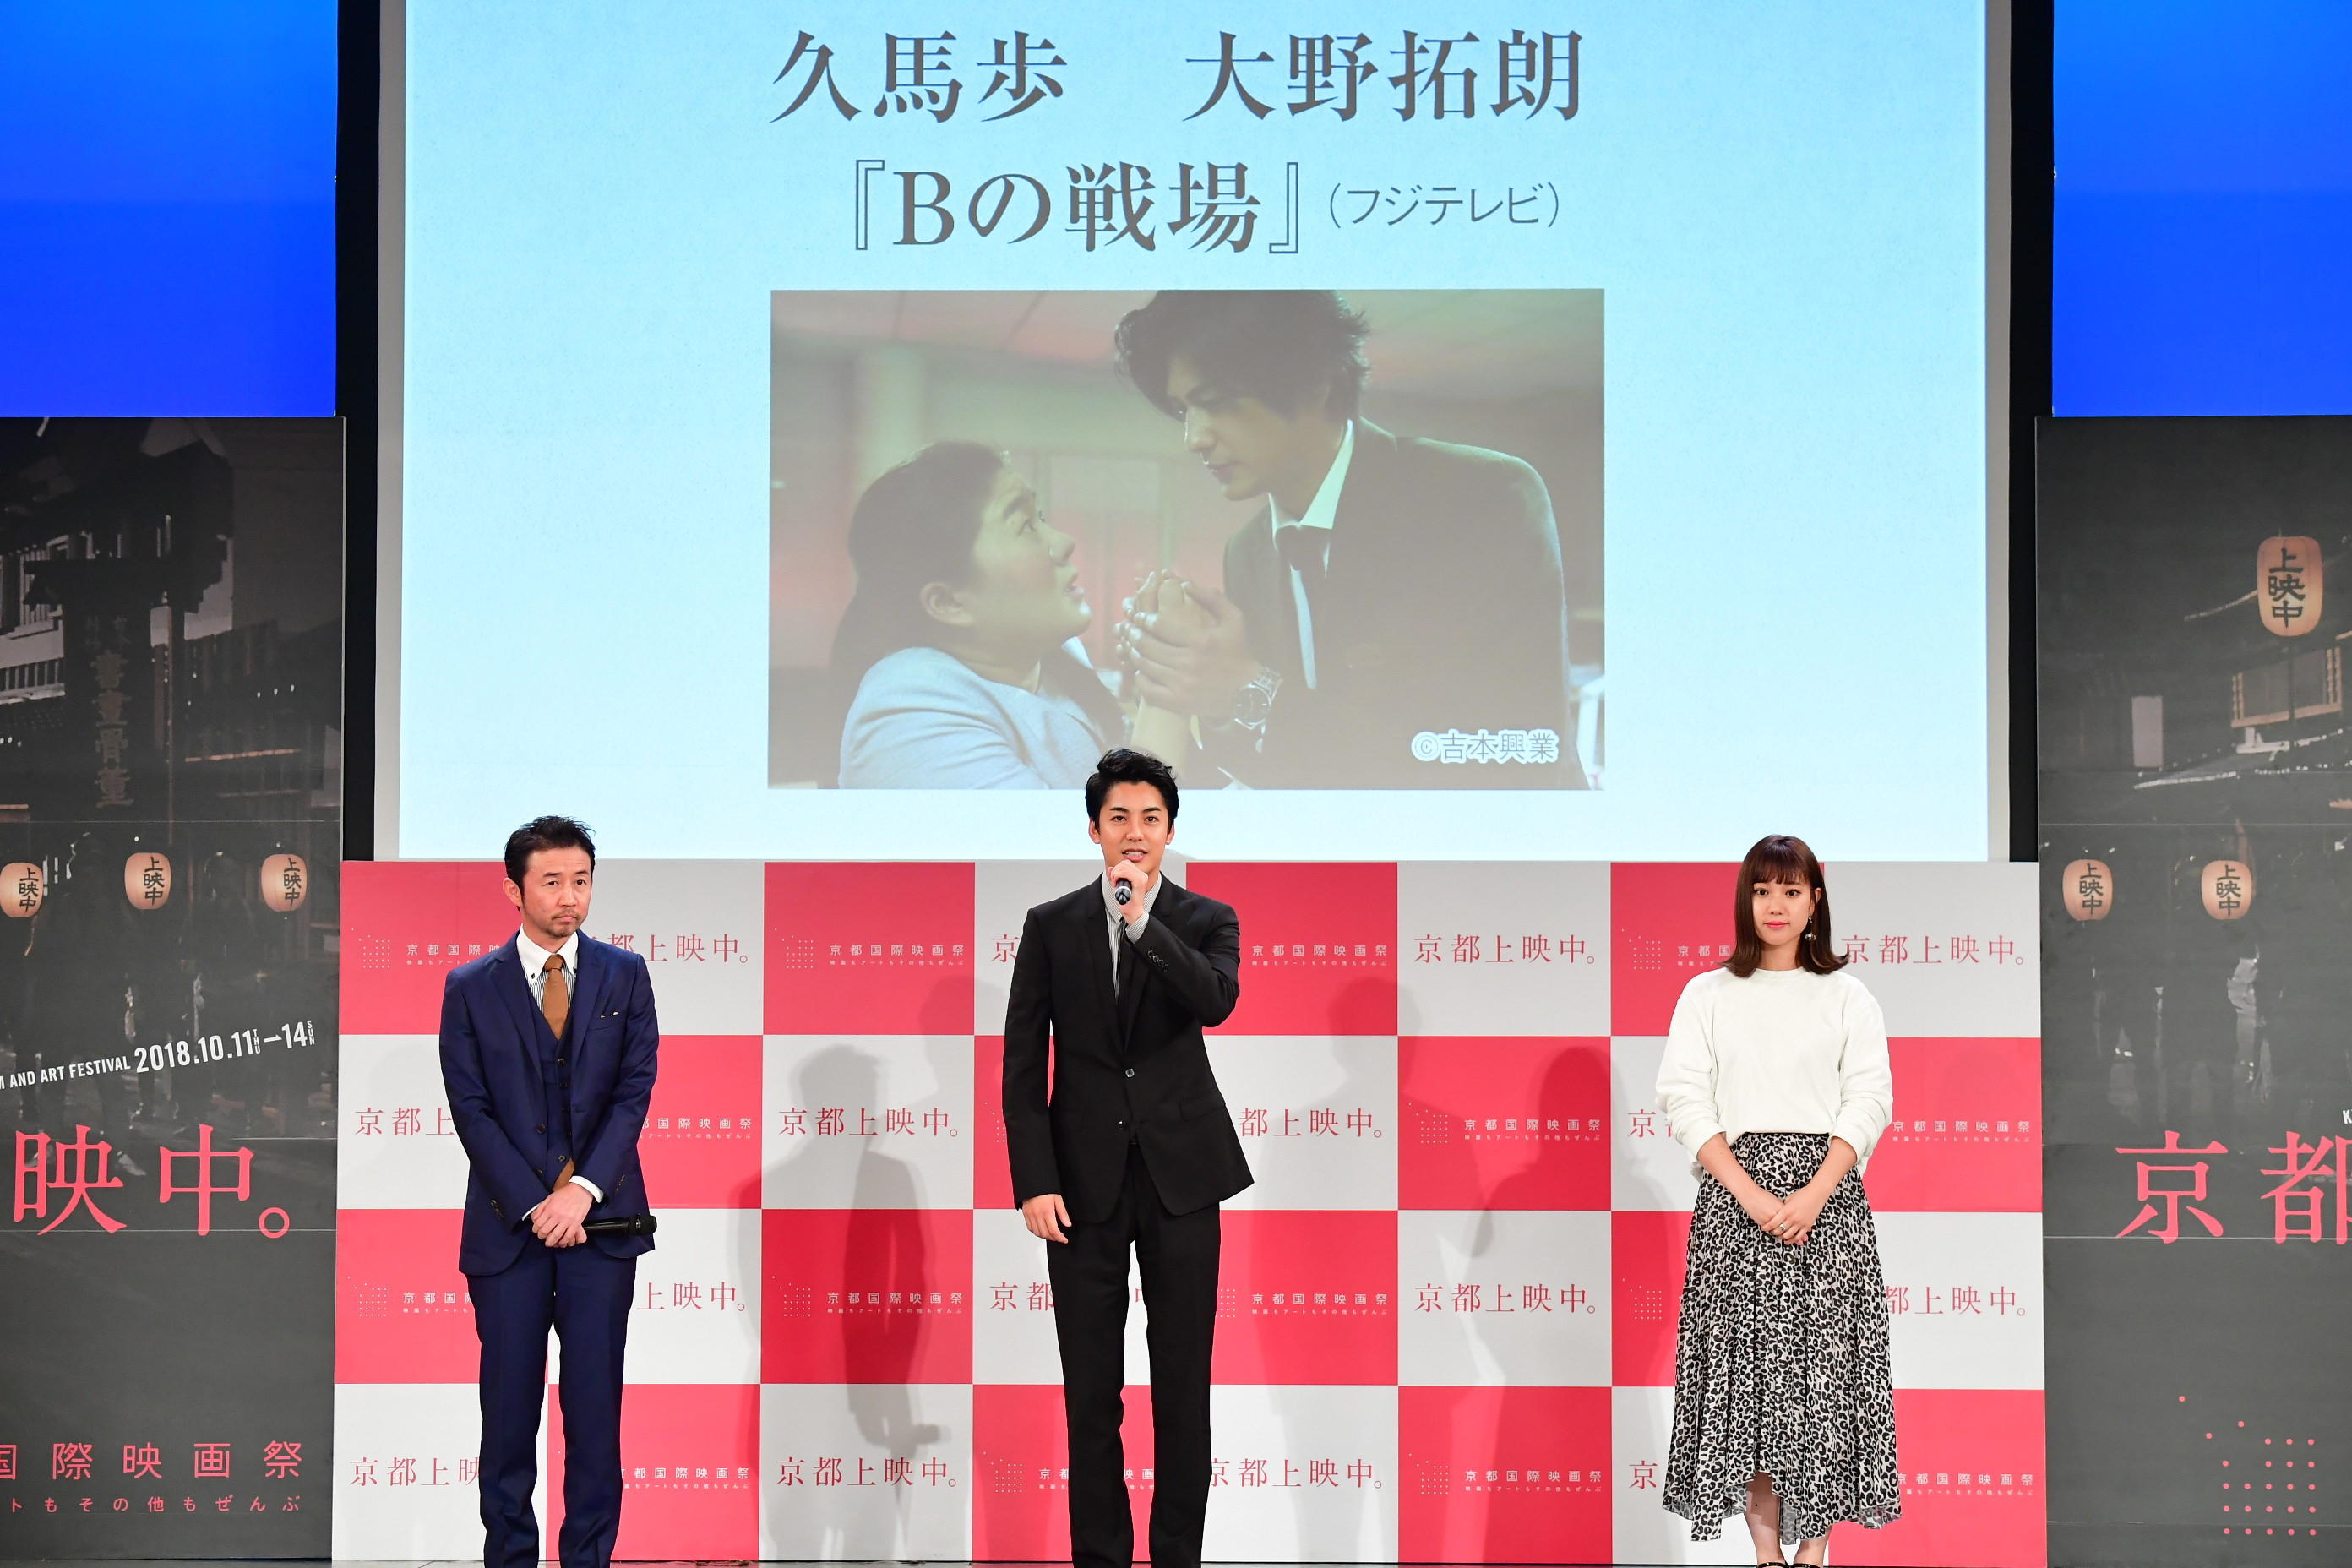 http://news.yoshimoto.co.jp/20180903233325-645ea2f0849e52c1541c711852e2165b1e5cee0c.jpg